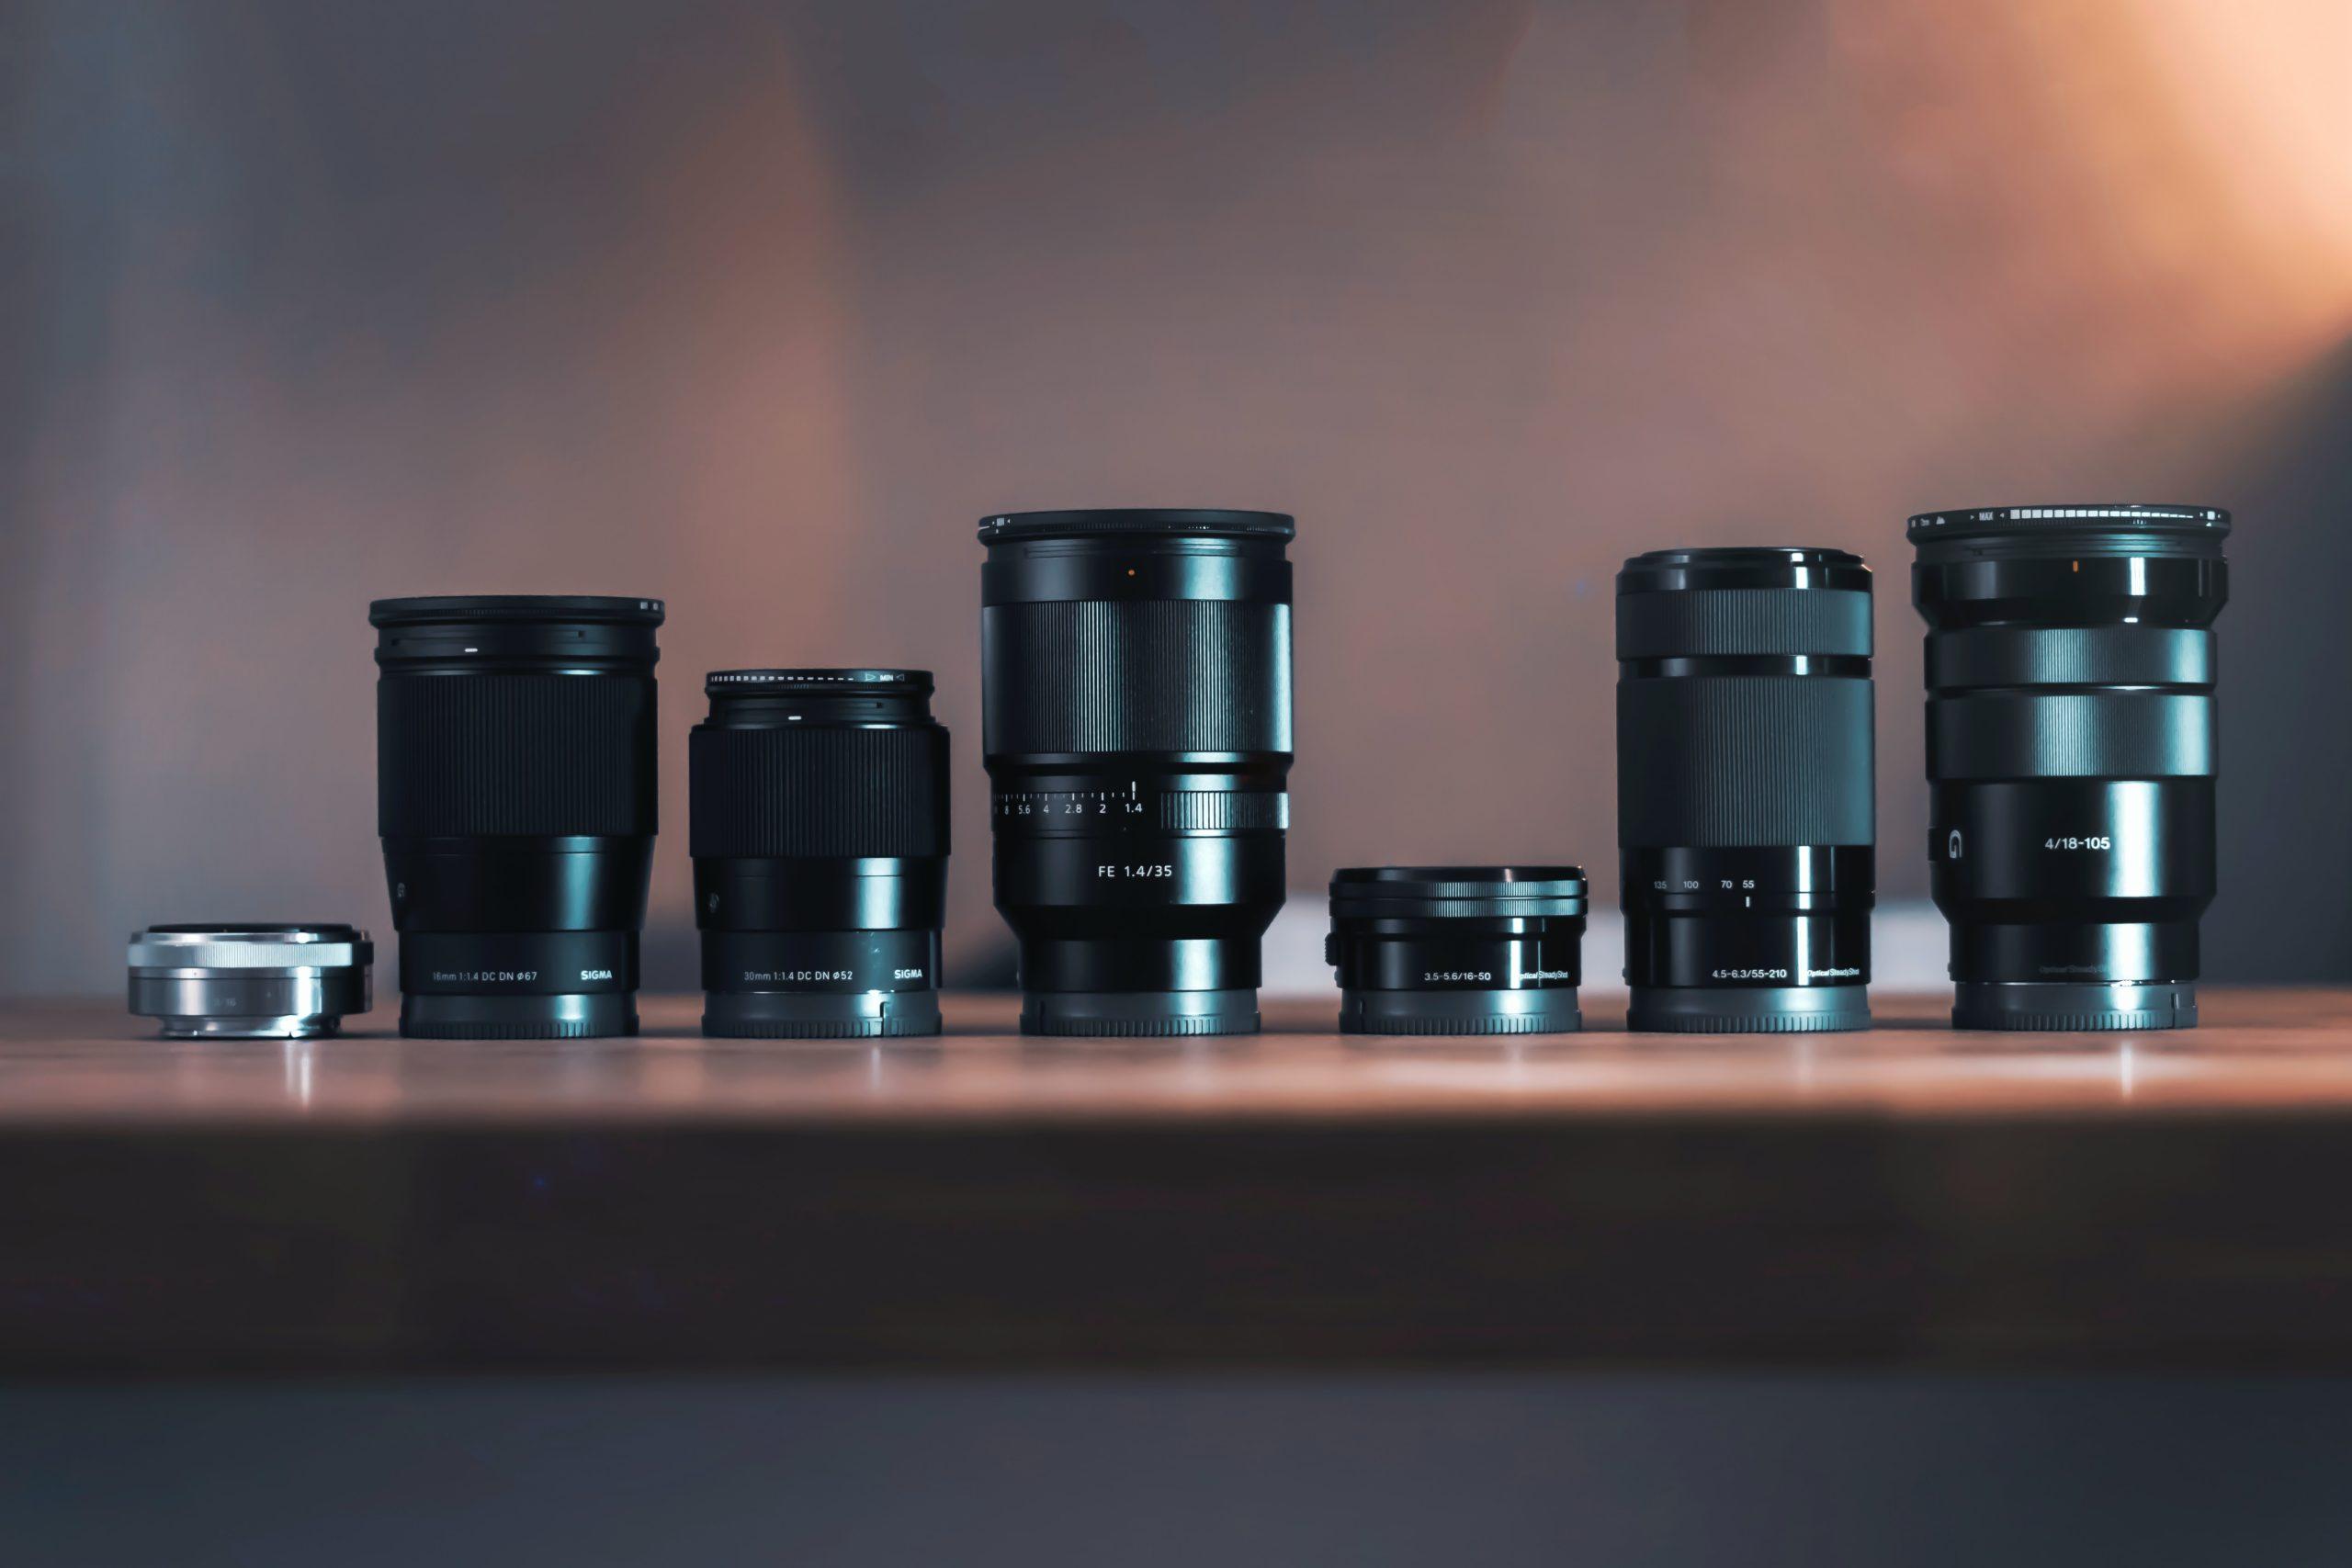 【 レンズの選び方 】動画撮影用で最低限抑えるべきレンズ【 初心者向け 】